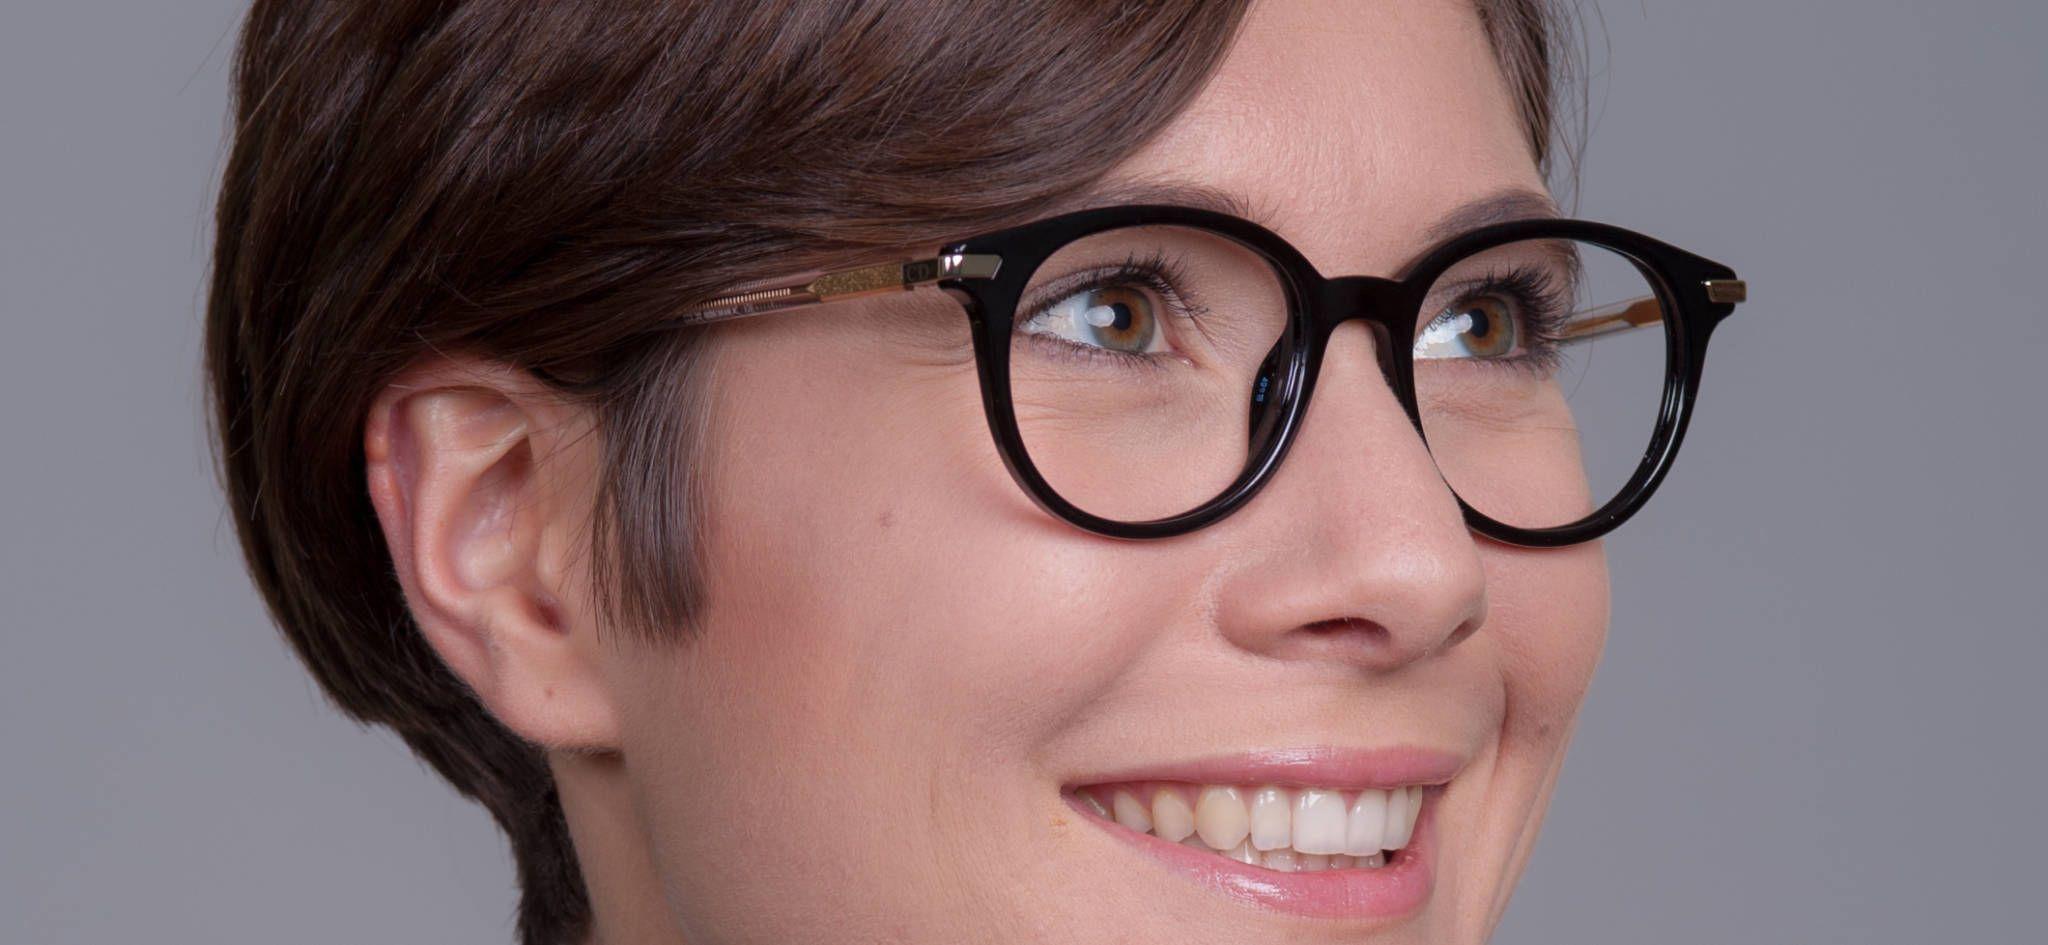 am besten online stylistisches Aussehen außergewöhnliche Auswahl an Stilen Das ist sie - Die Dior Damenbrille Montaigne 35 TFV   Dior ...